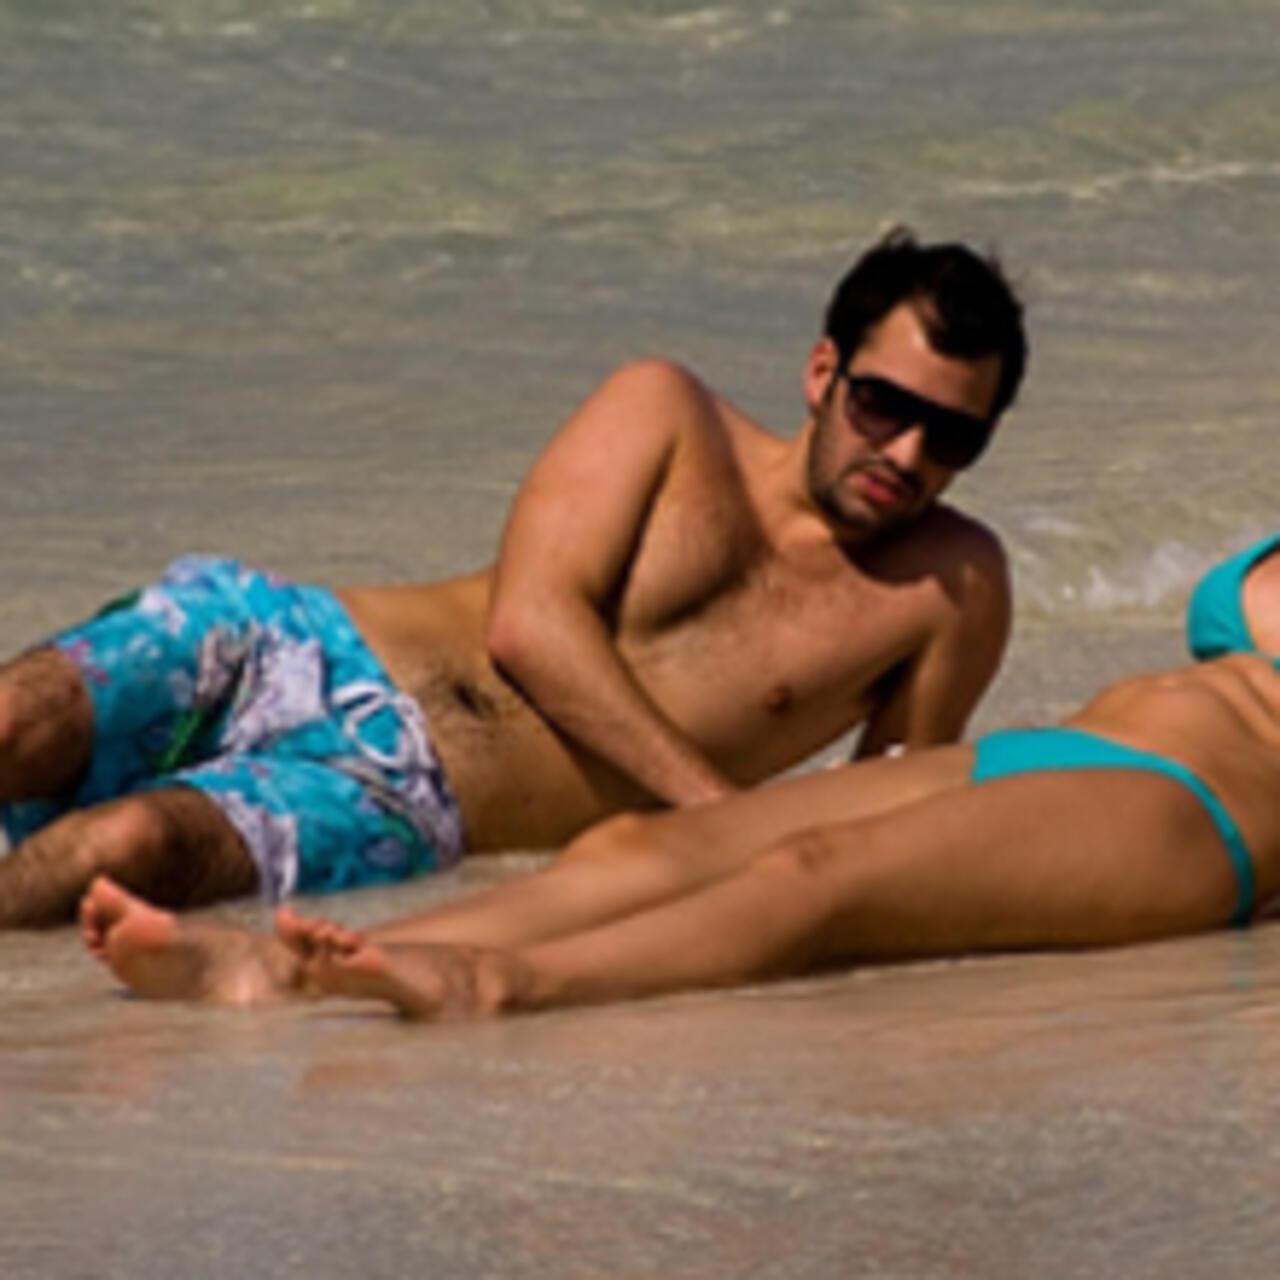 Amateur Public Vacation Sex